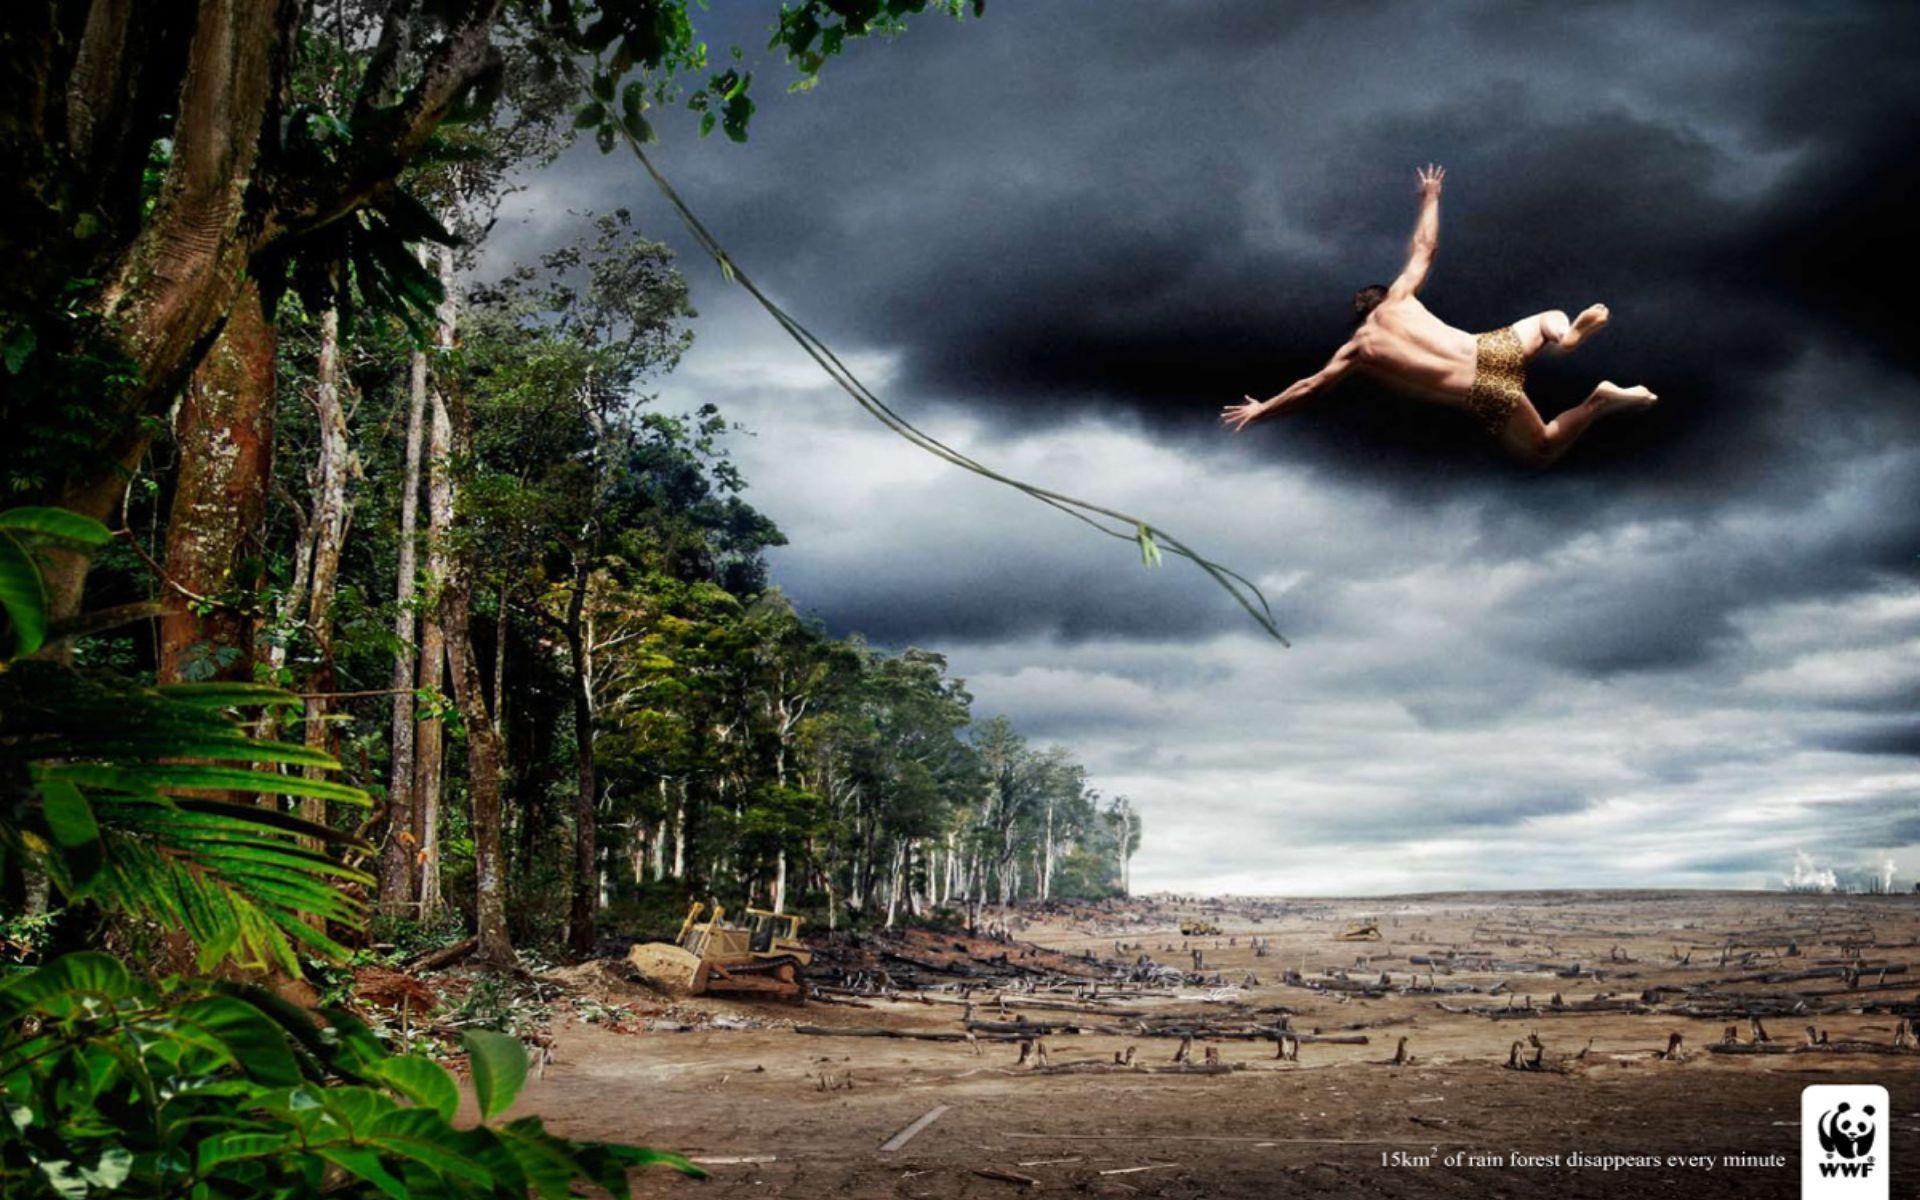 Креативная реклама от Всемирного фонда дикой природы